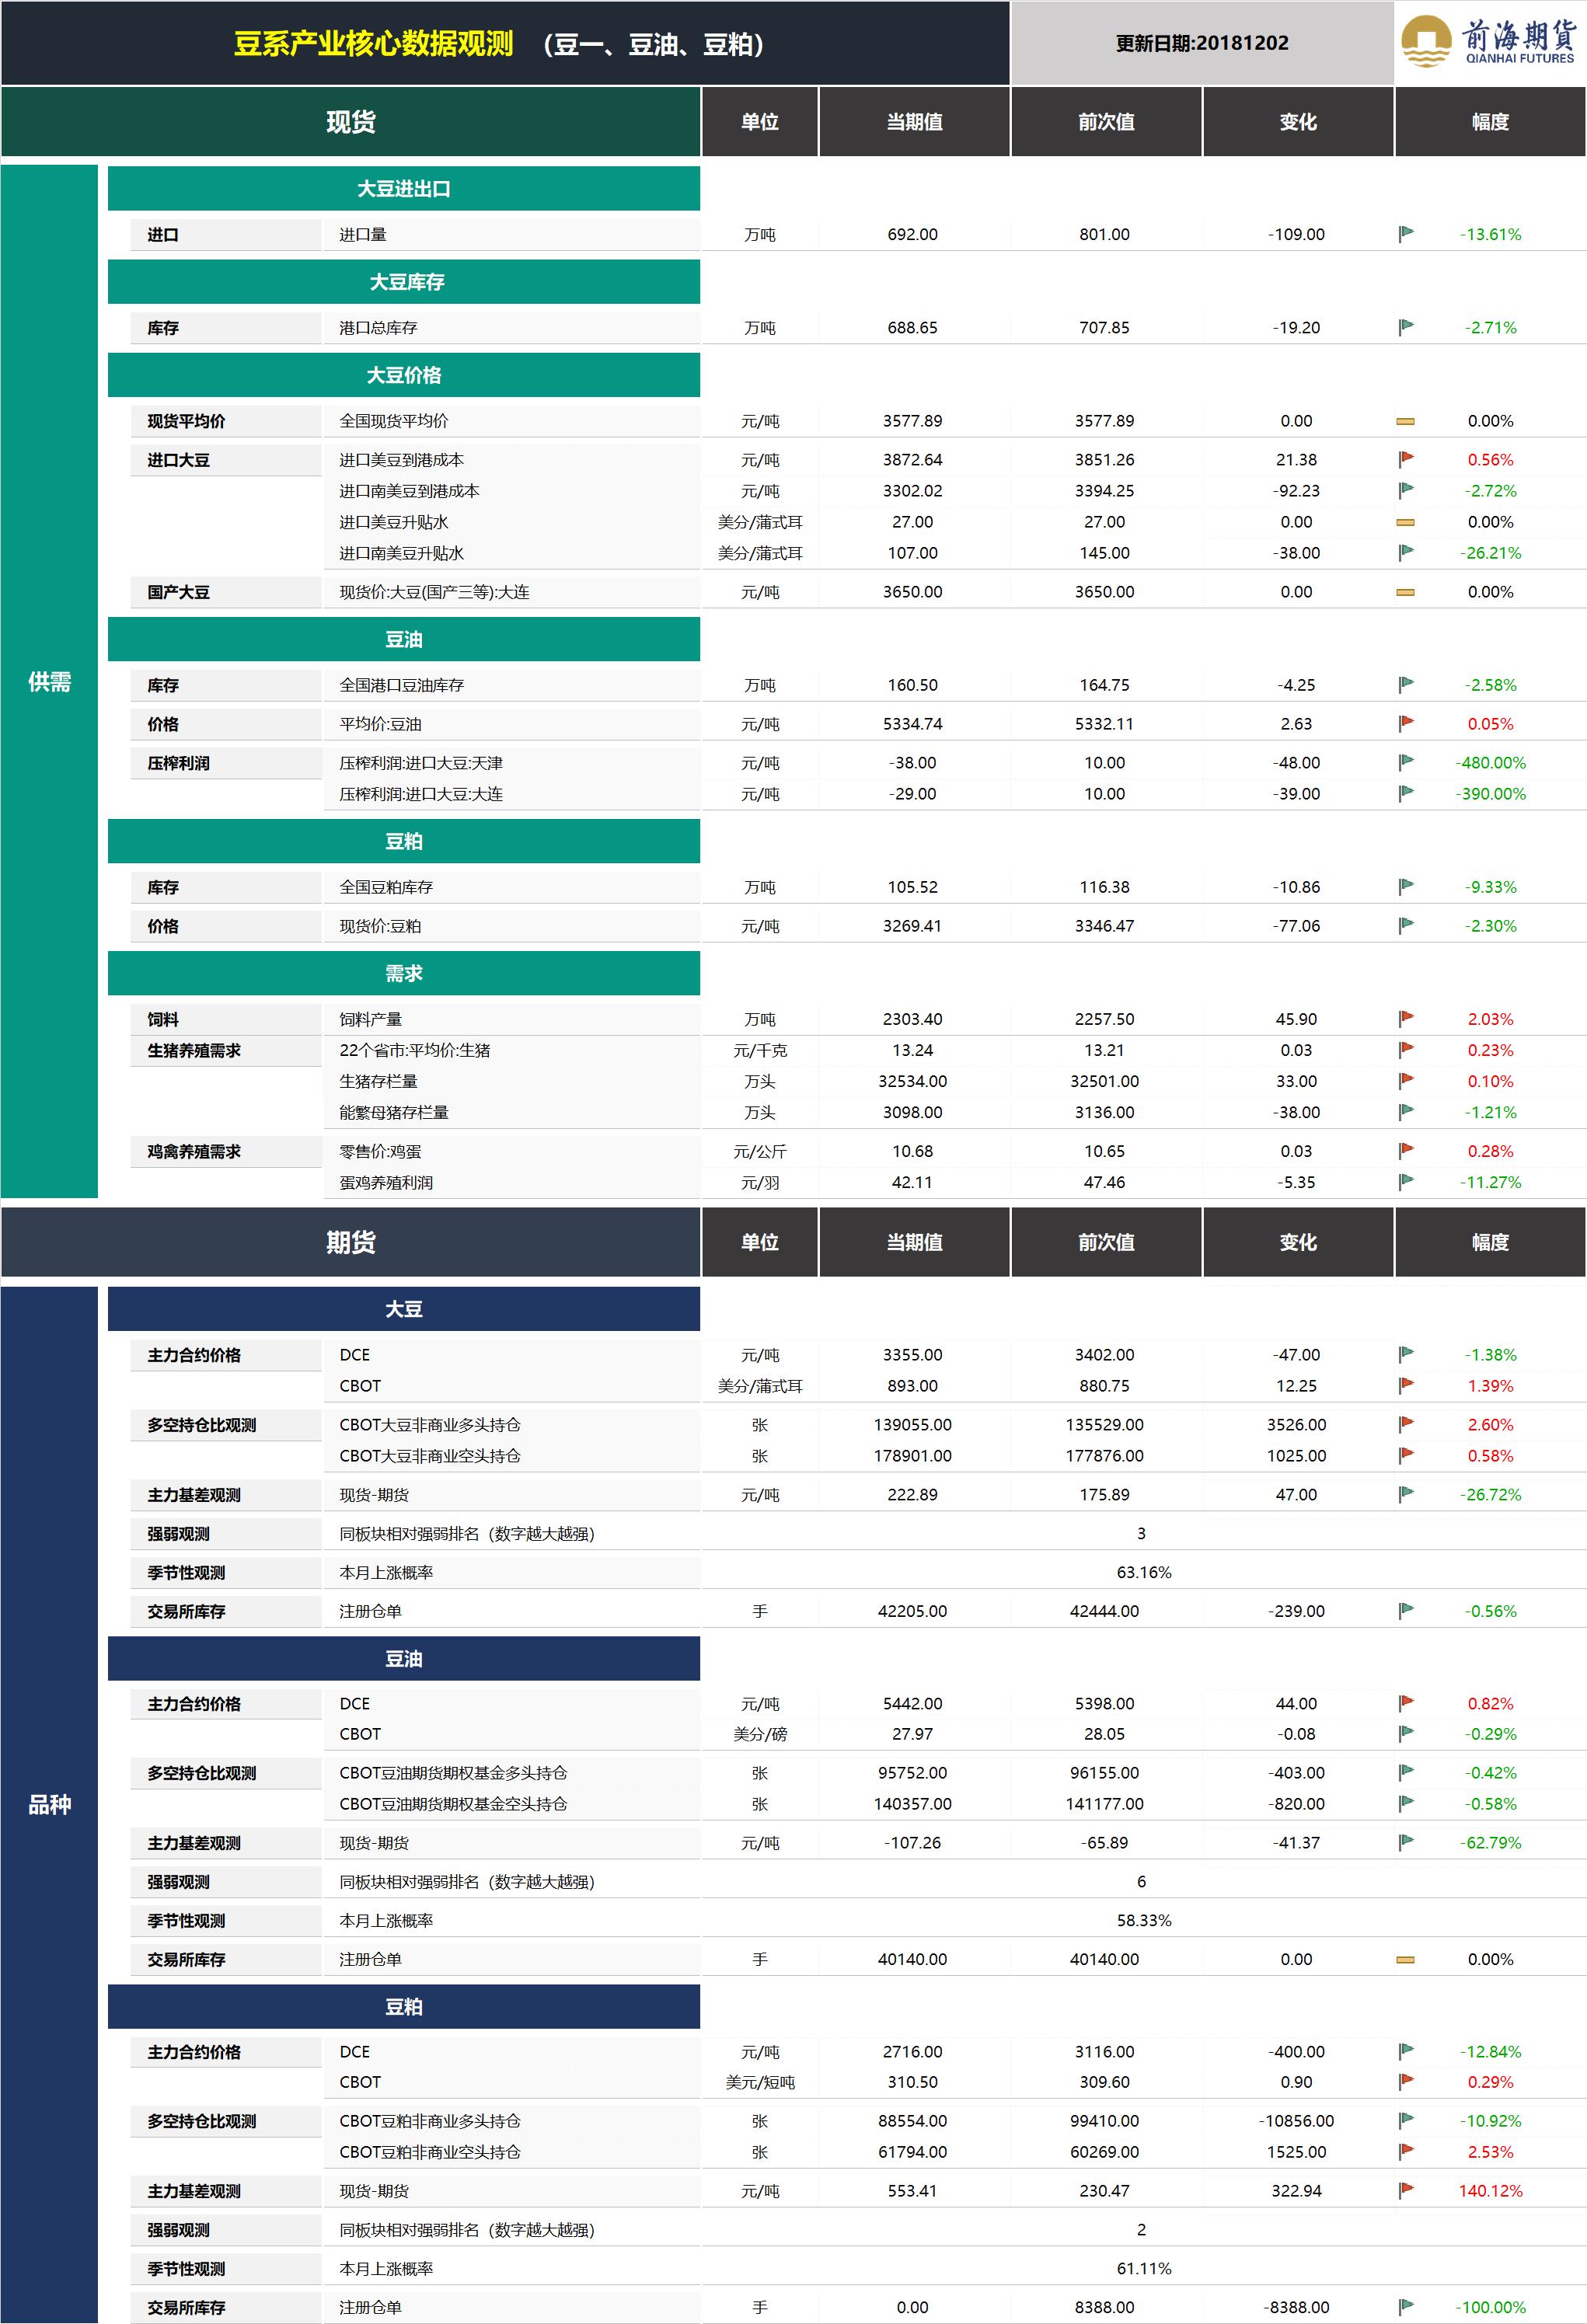 20181203前海期货—豆系产业核心数据观测.png